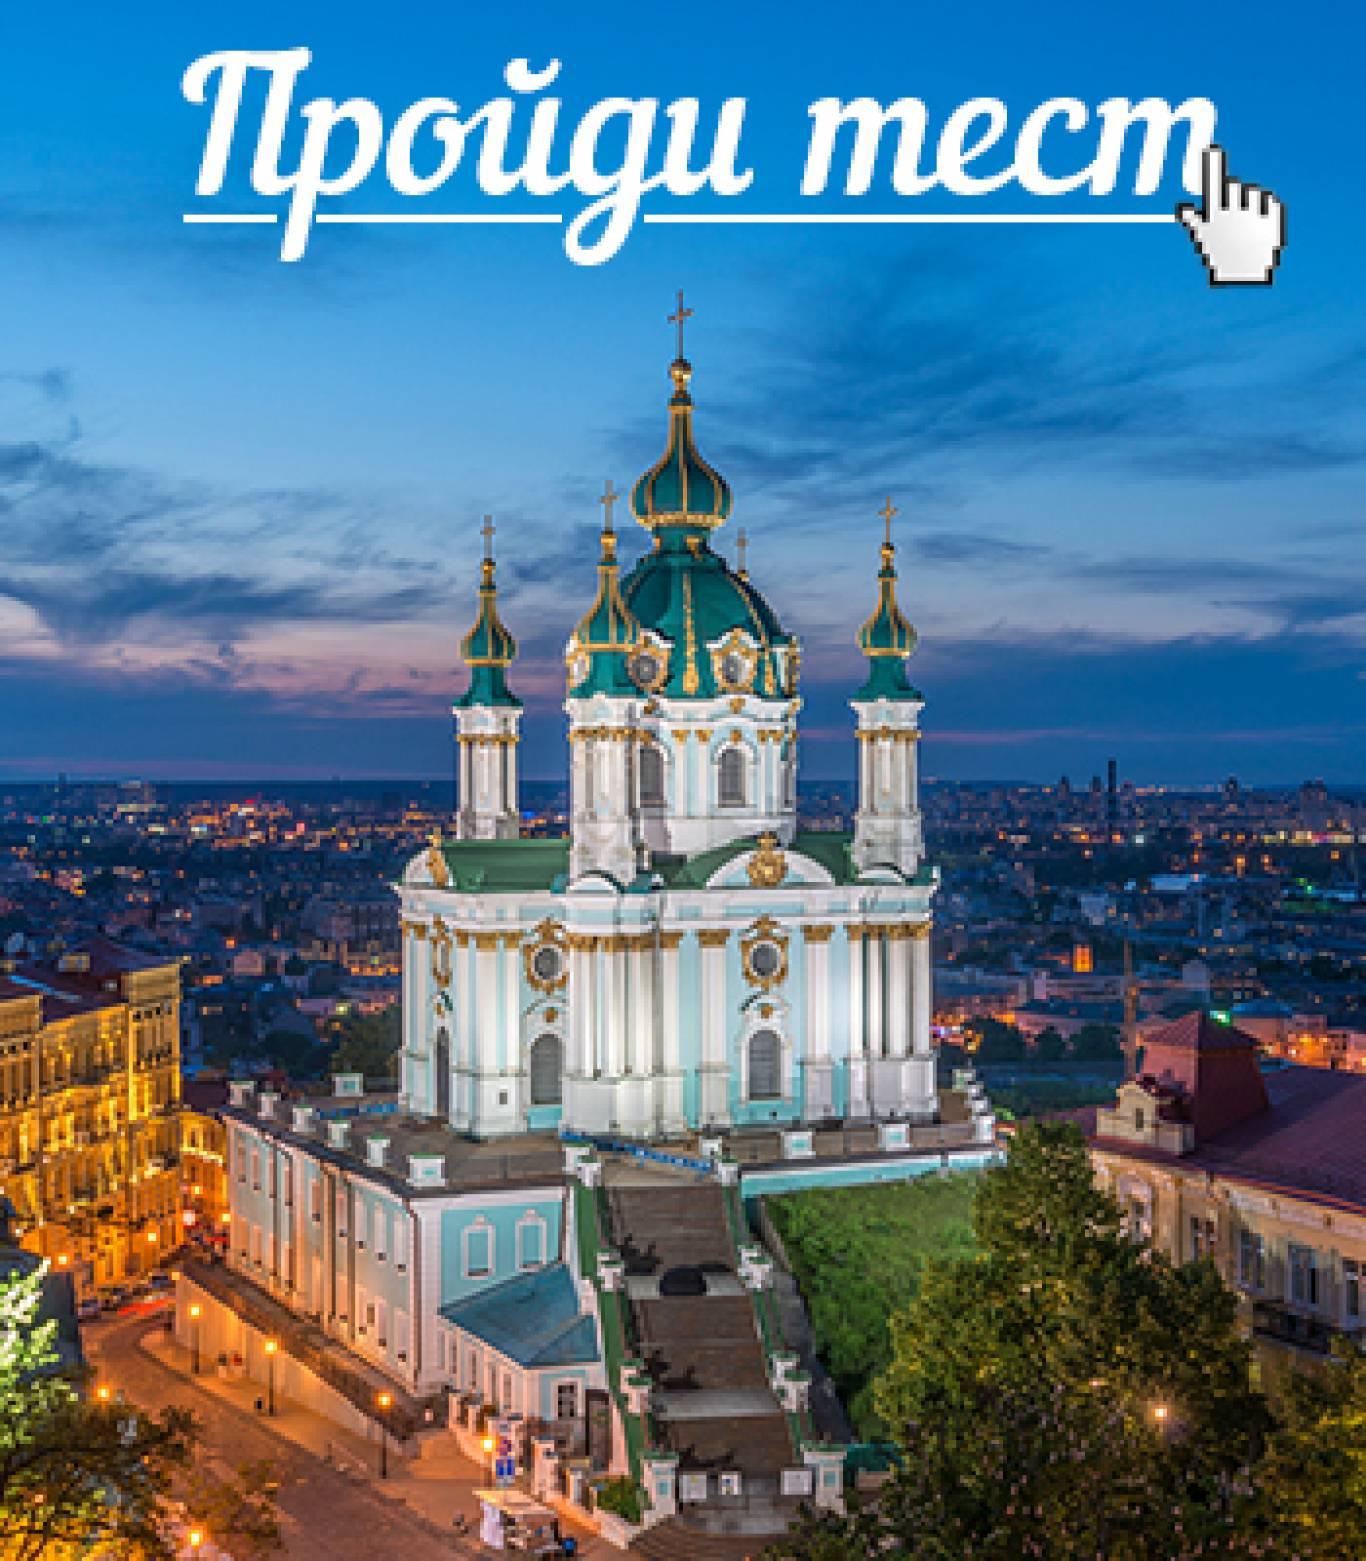 Як добре ви знаєте Київ? Тест для справжніх знавців столиці